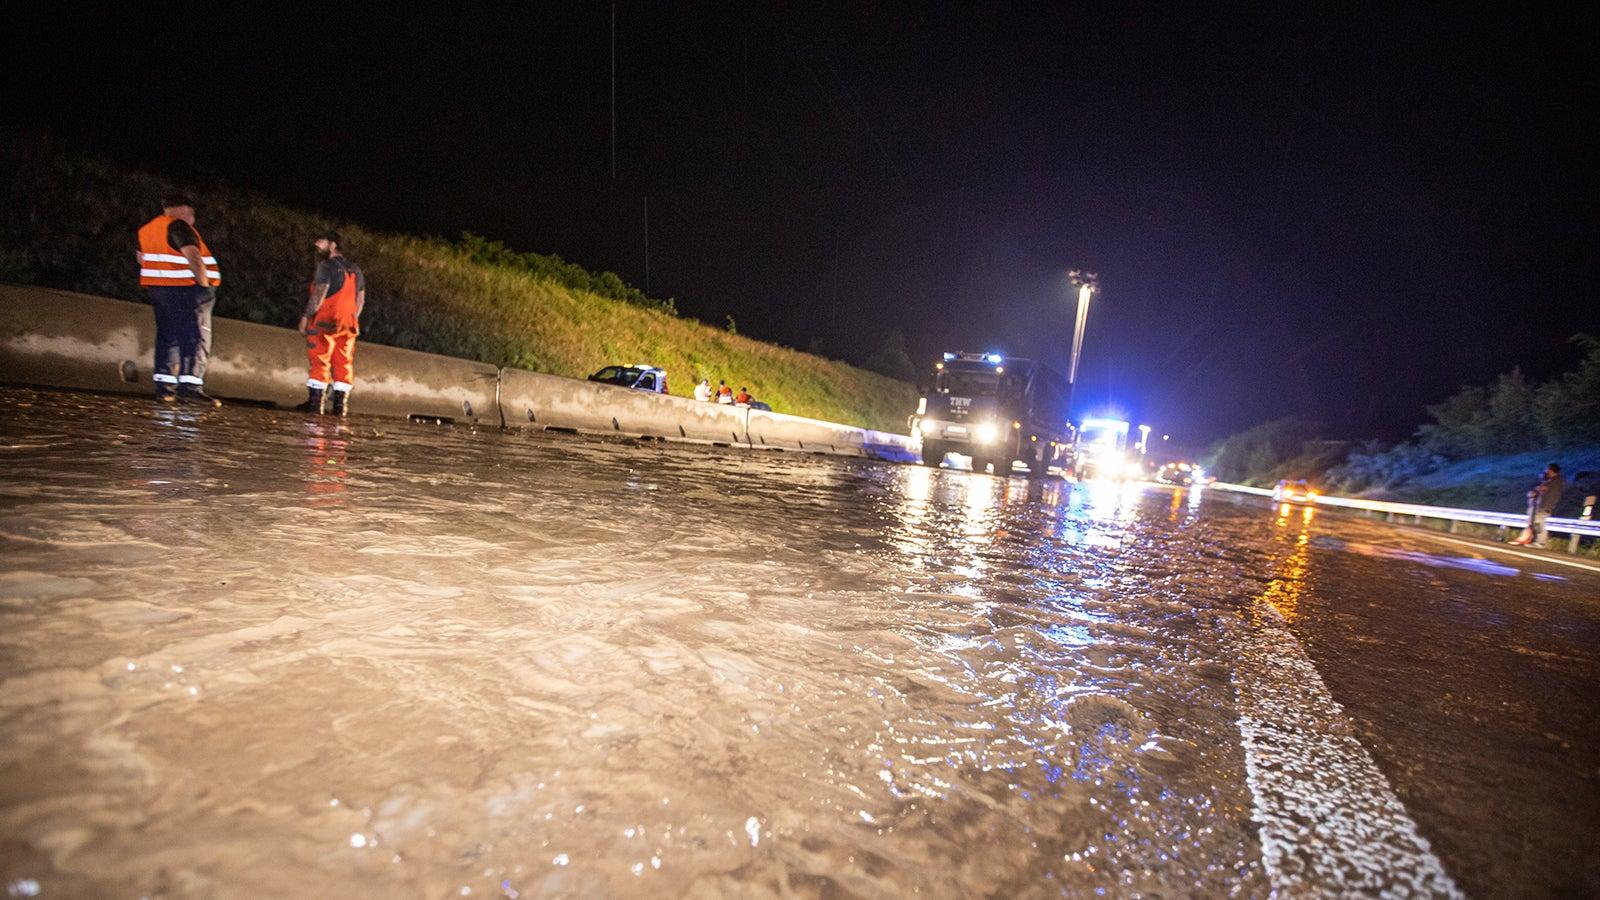 Schwere Unwetter im Südwesten: Autobahn 8 überflutet | The Weather Channel - Artikel von The Weather Channel | weather.com